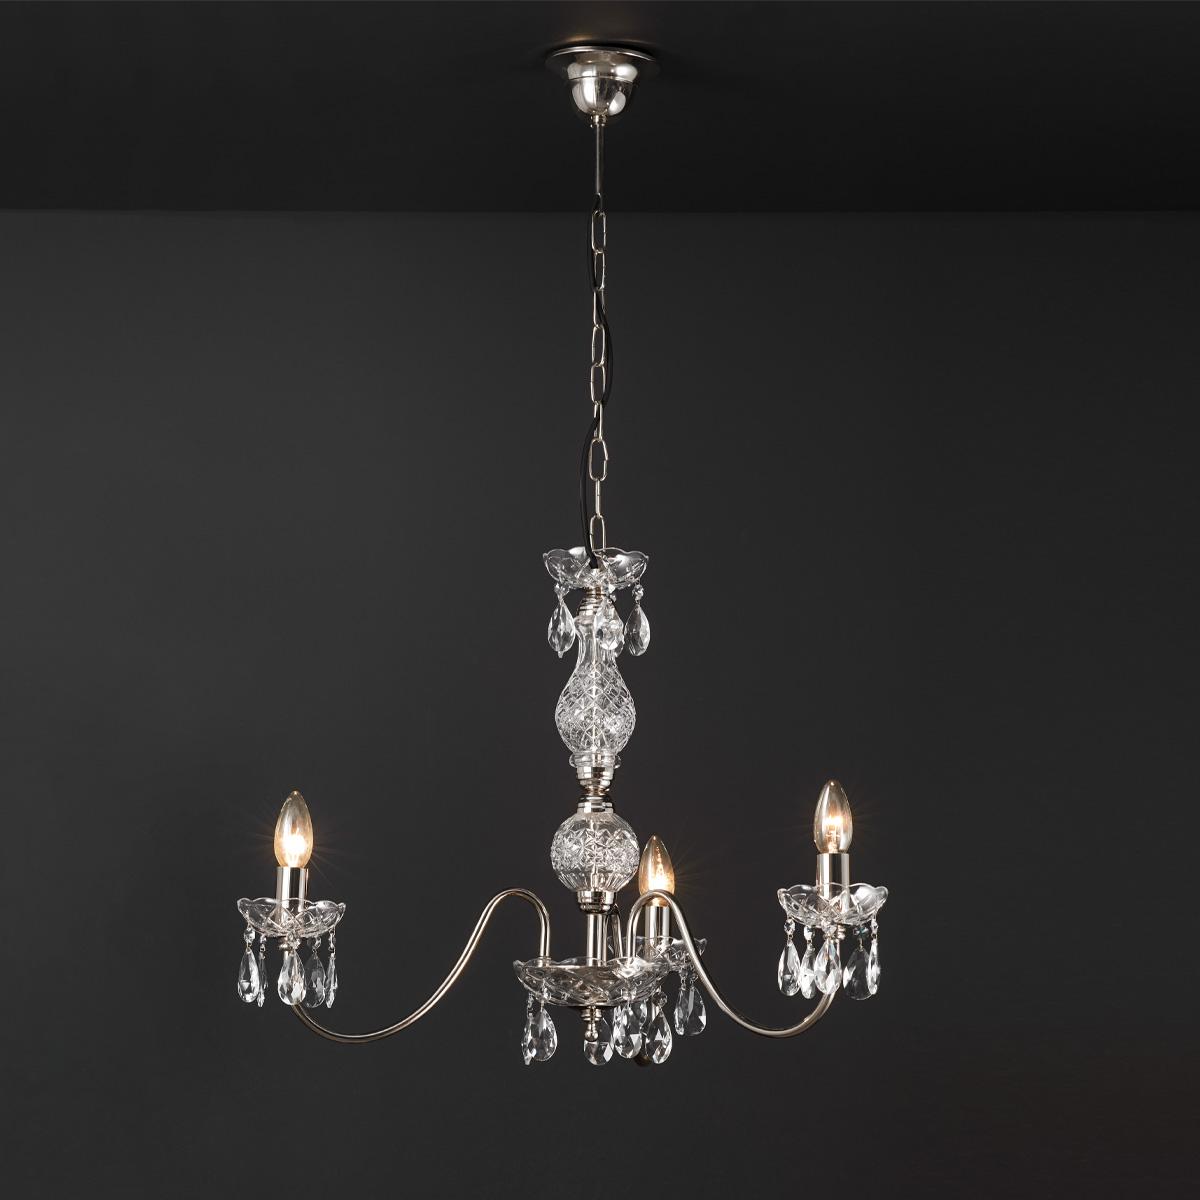 Κρεμαστό φωτιστικό με κρύσταλλα ΒΕΡΓΙΝΑ chandelier with crystal accents